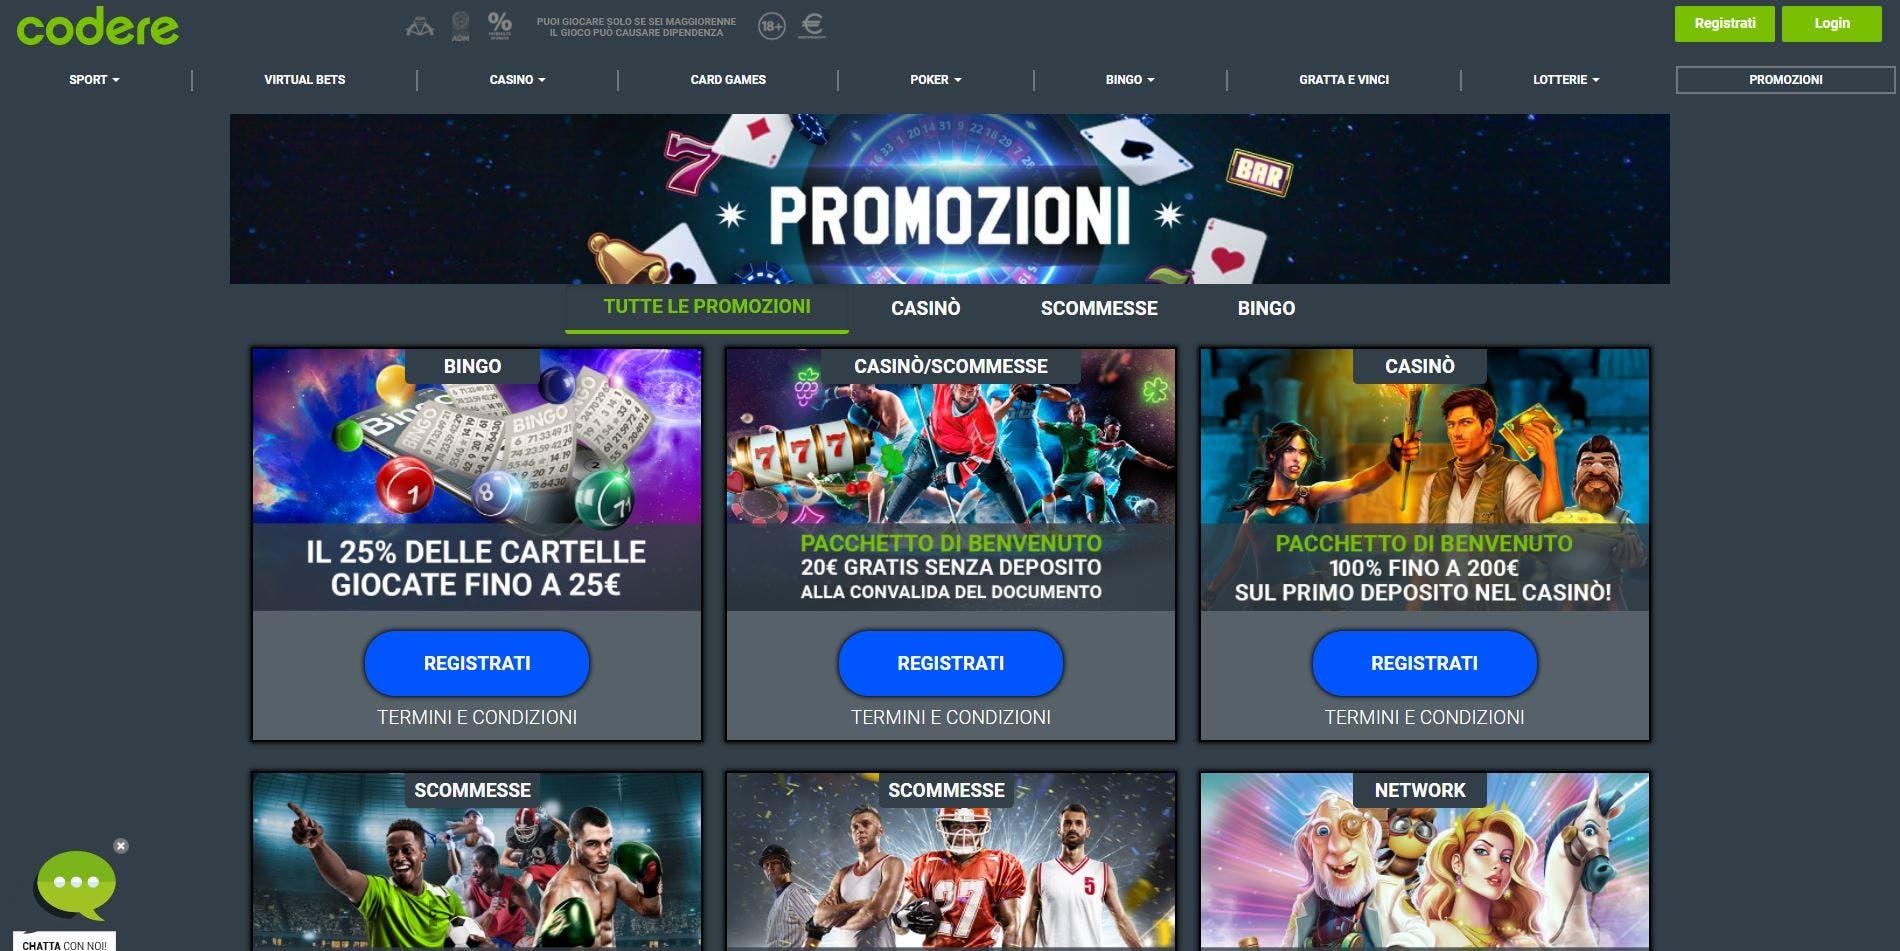 Nuove Offerte Bonus e Promozioni su Codere